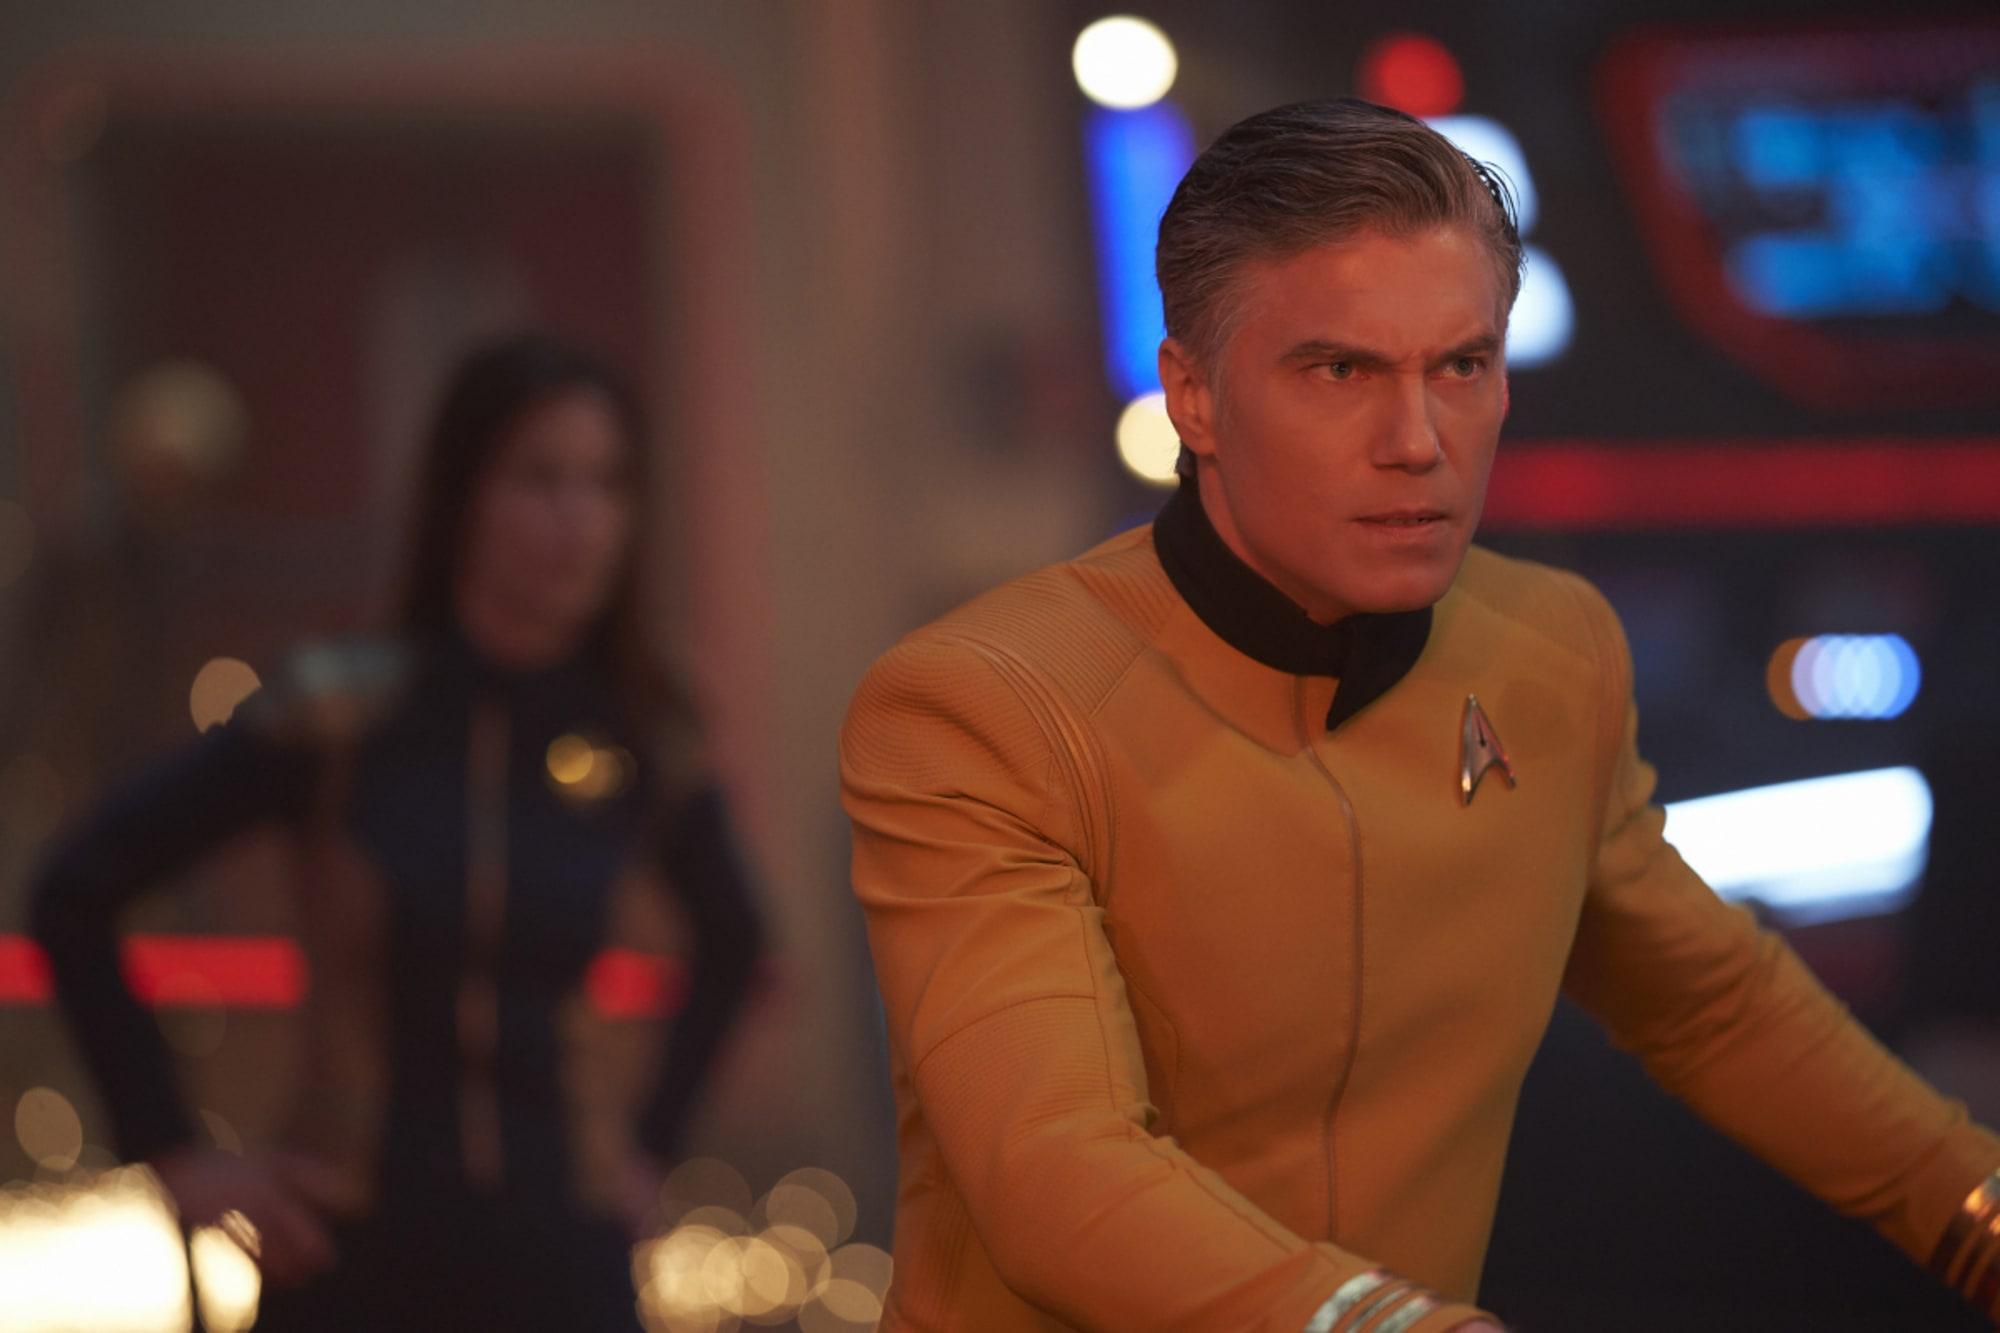 Anson Mount's tweet about old school Star Trek fans was misinterpreted